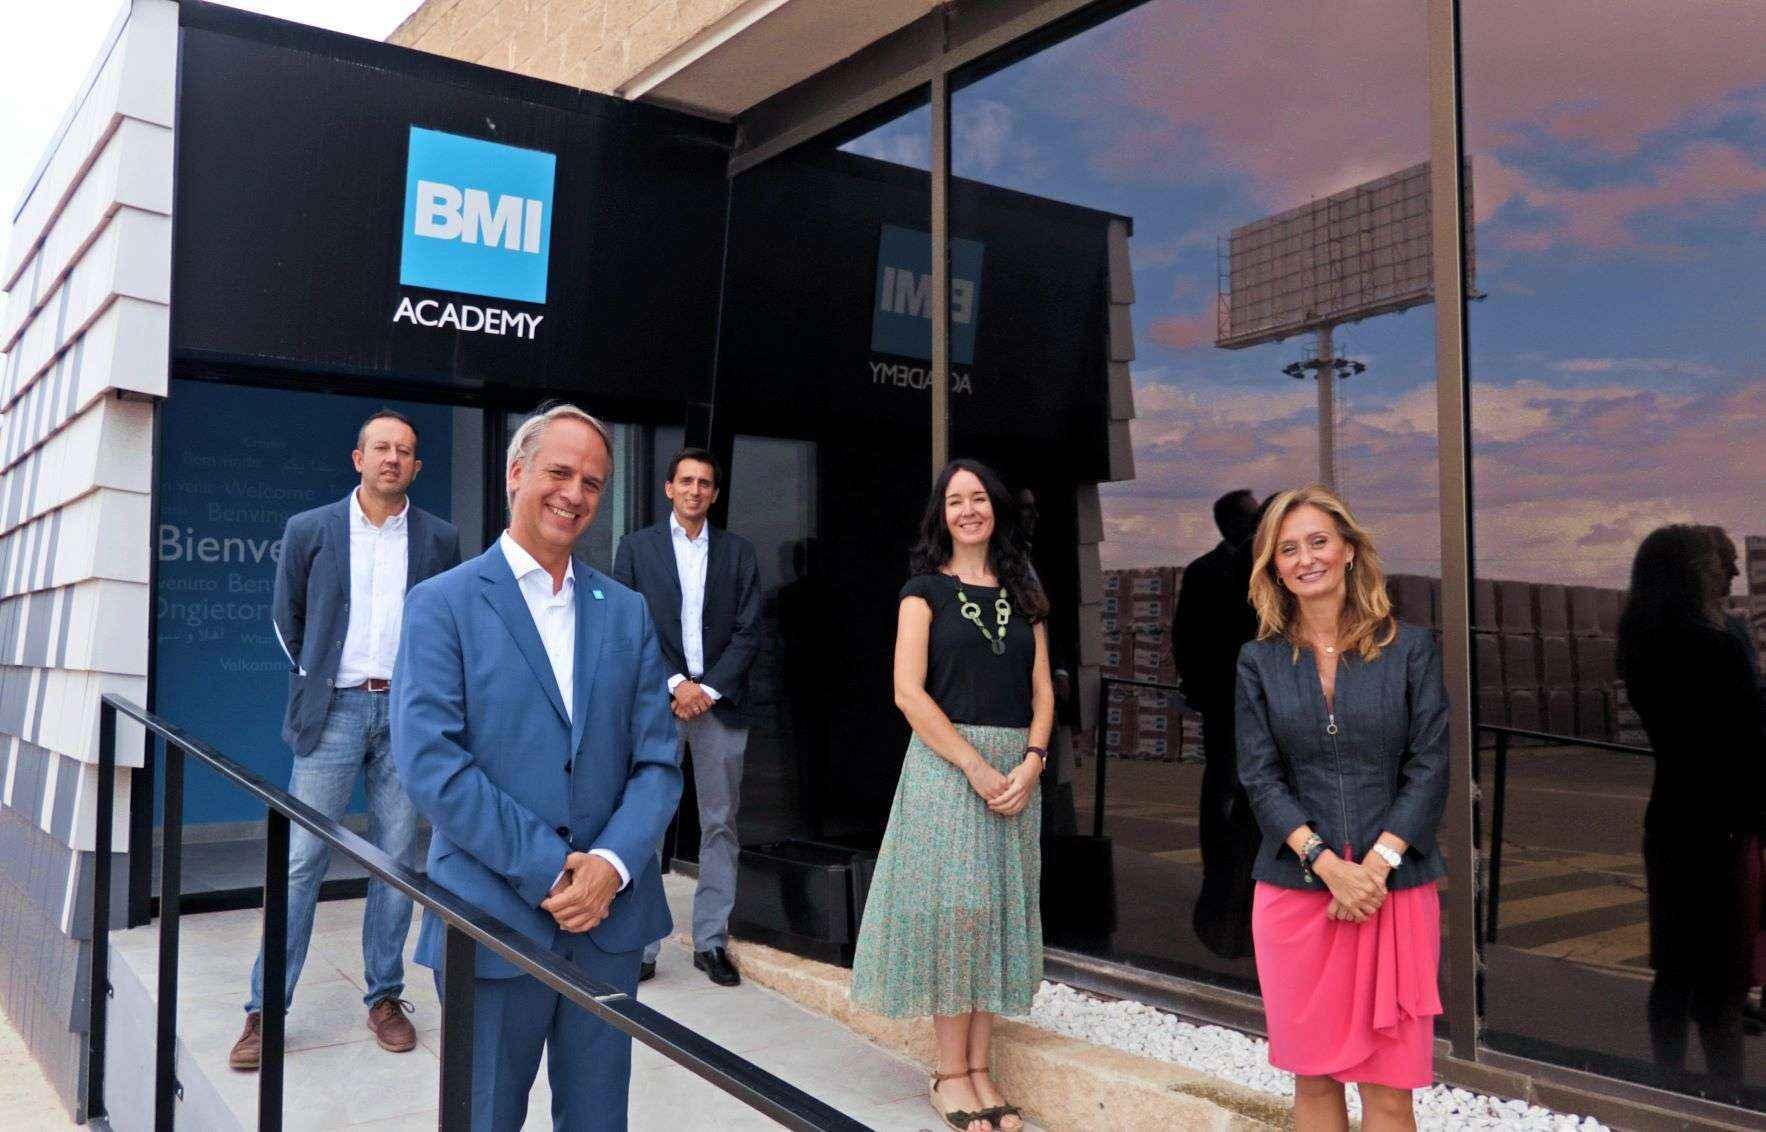 BMI y EJE&CON promueven el Talento Sin Género en el Sector de la Construcción